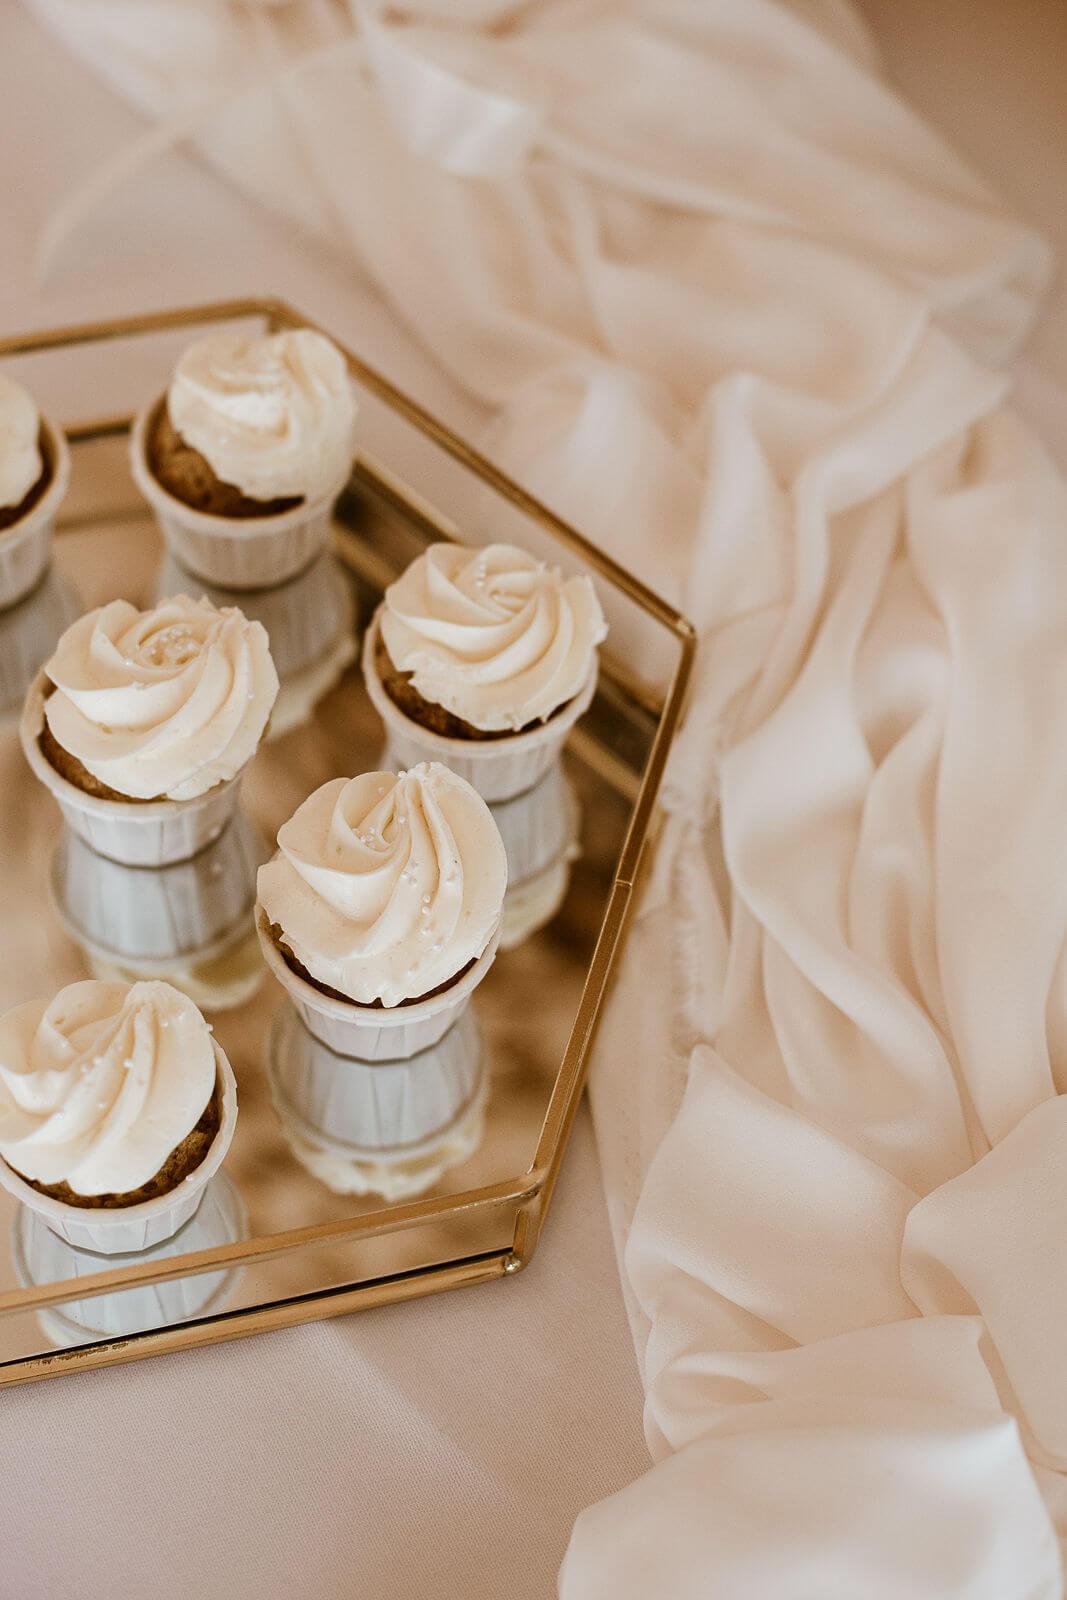 Cupcakes mit weißer Haube – gesehen bei frauimmer-herrewig.de